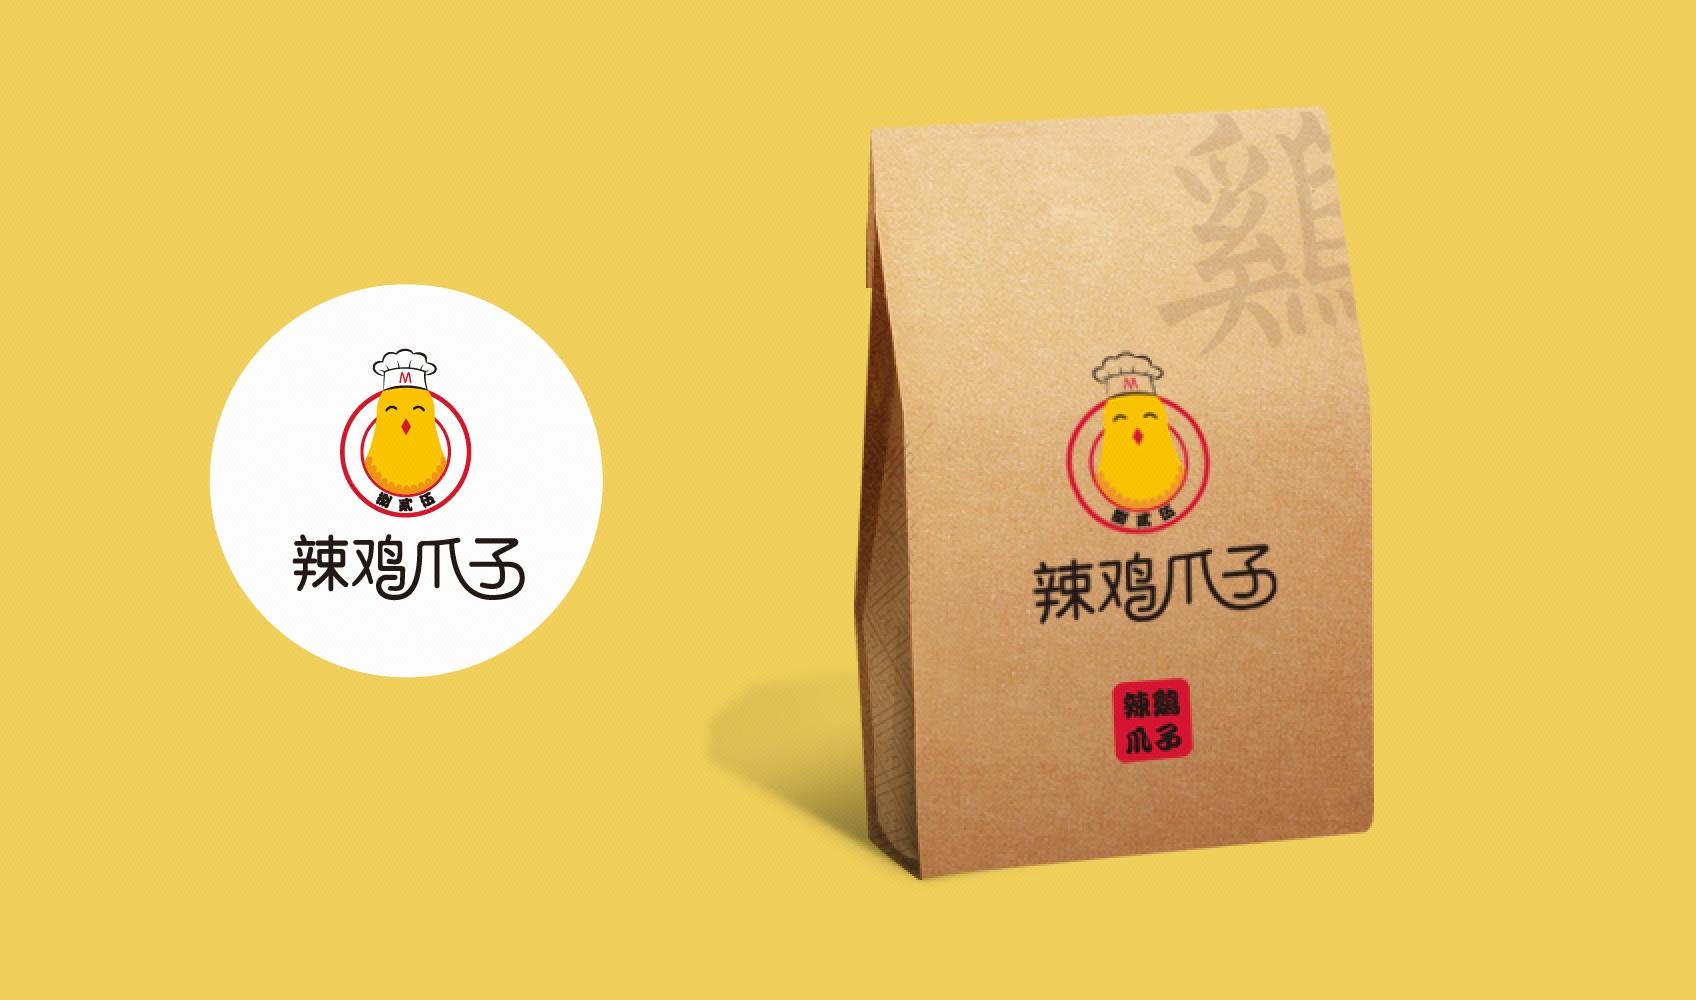 LOGO_字体设计文字logo公司企业品牌标志图标设计33